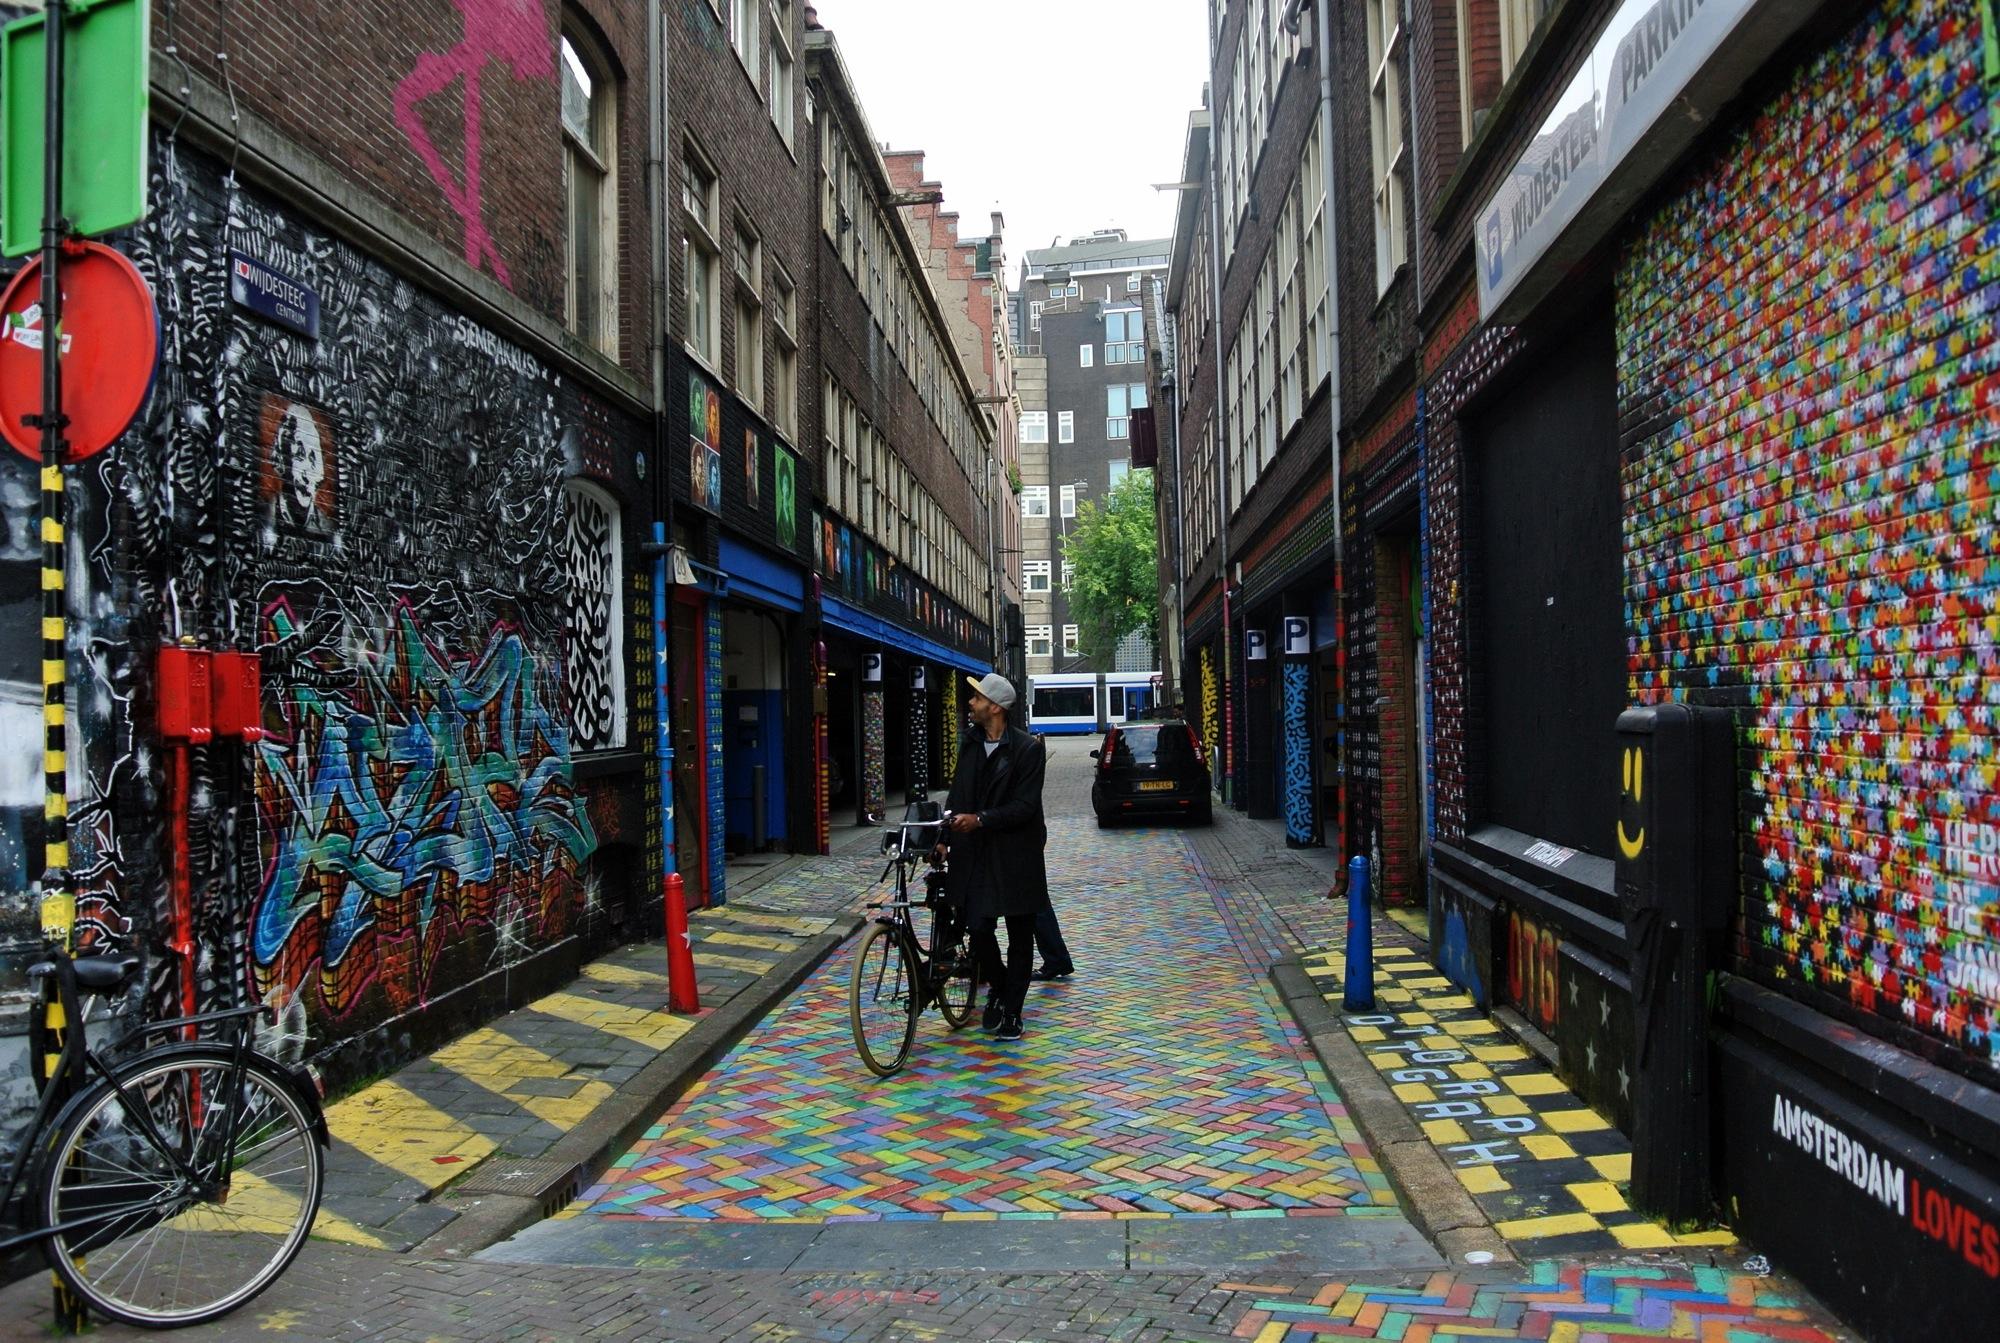 El callejón Wijdesteeg en una de los lugares  más coloridos de la ciudad de Ámsterdam